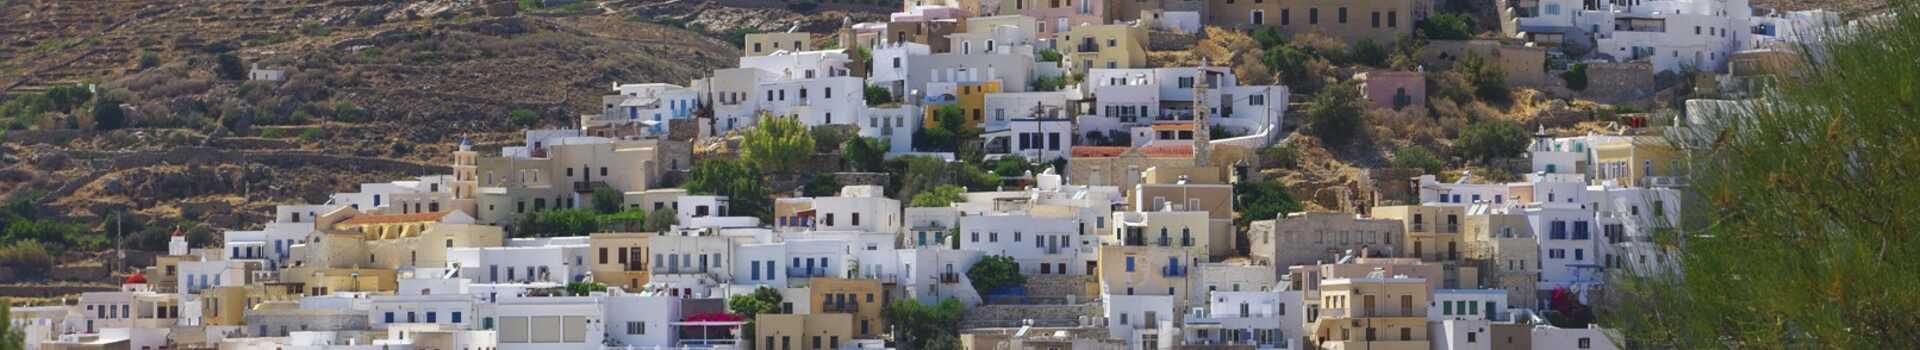 Řecko, Syros2